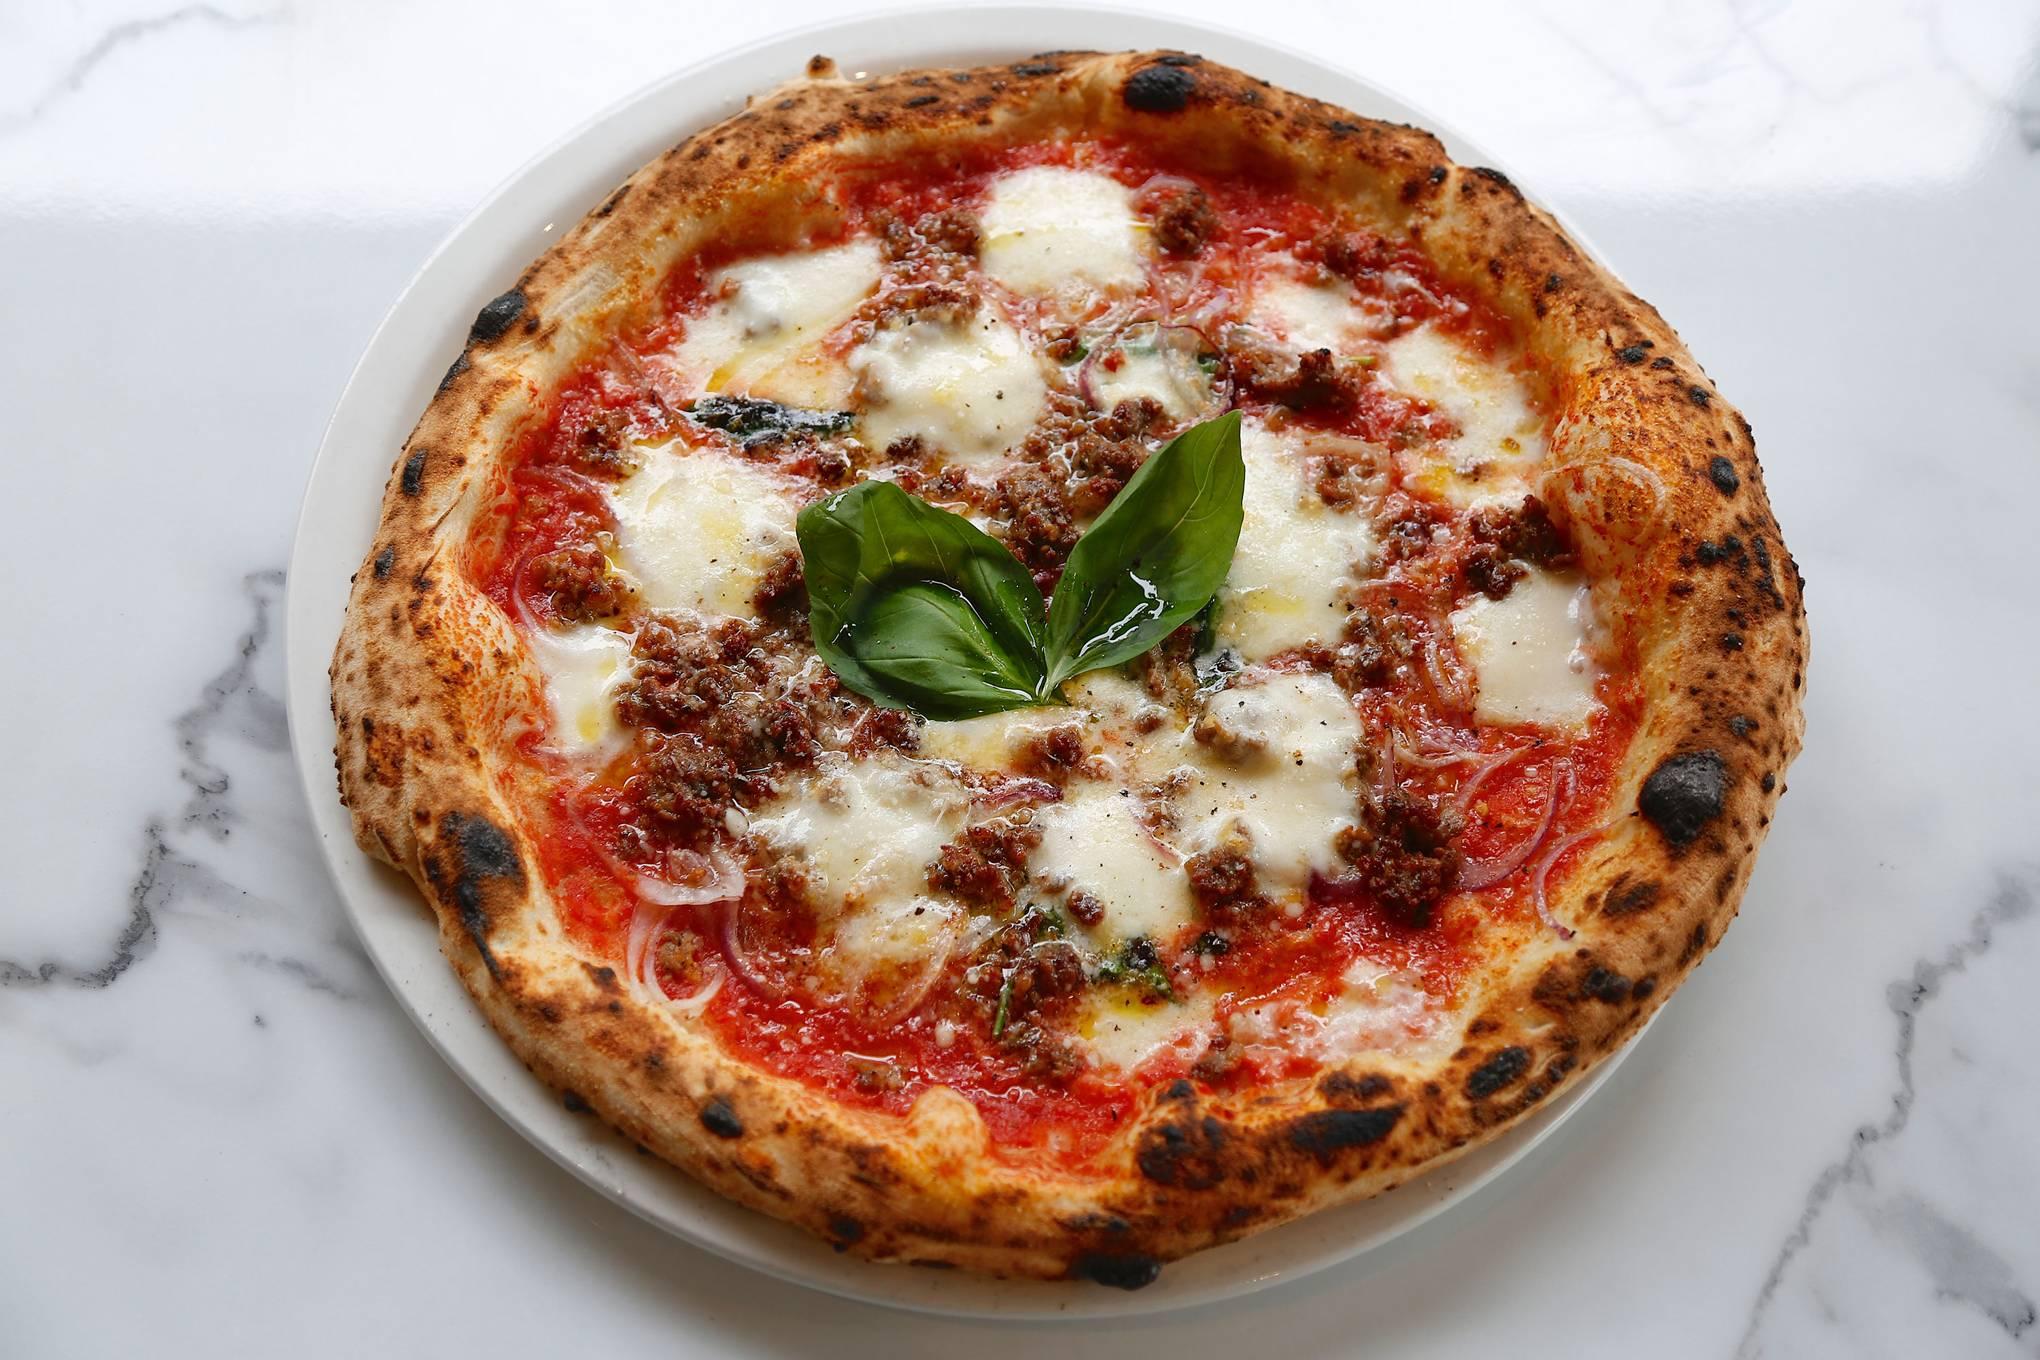 The bestpizza in London